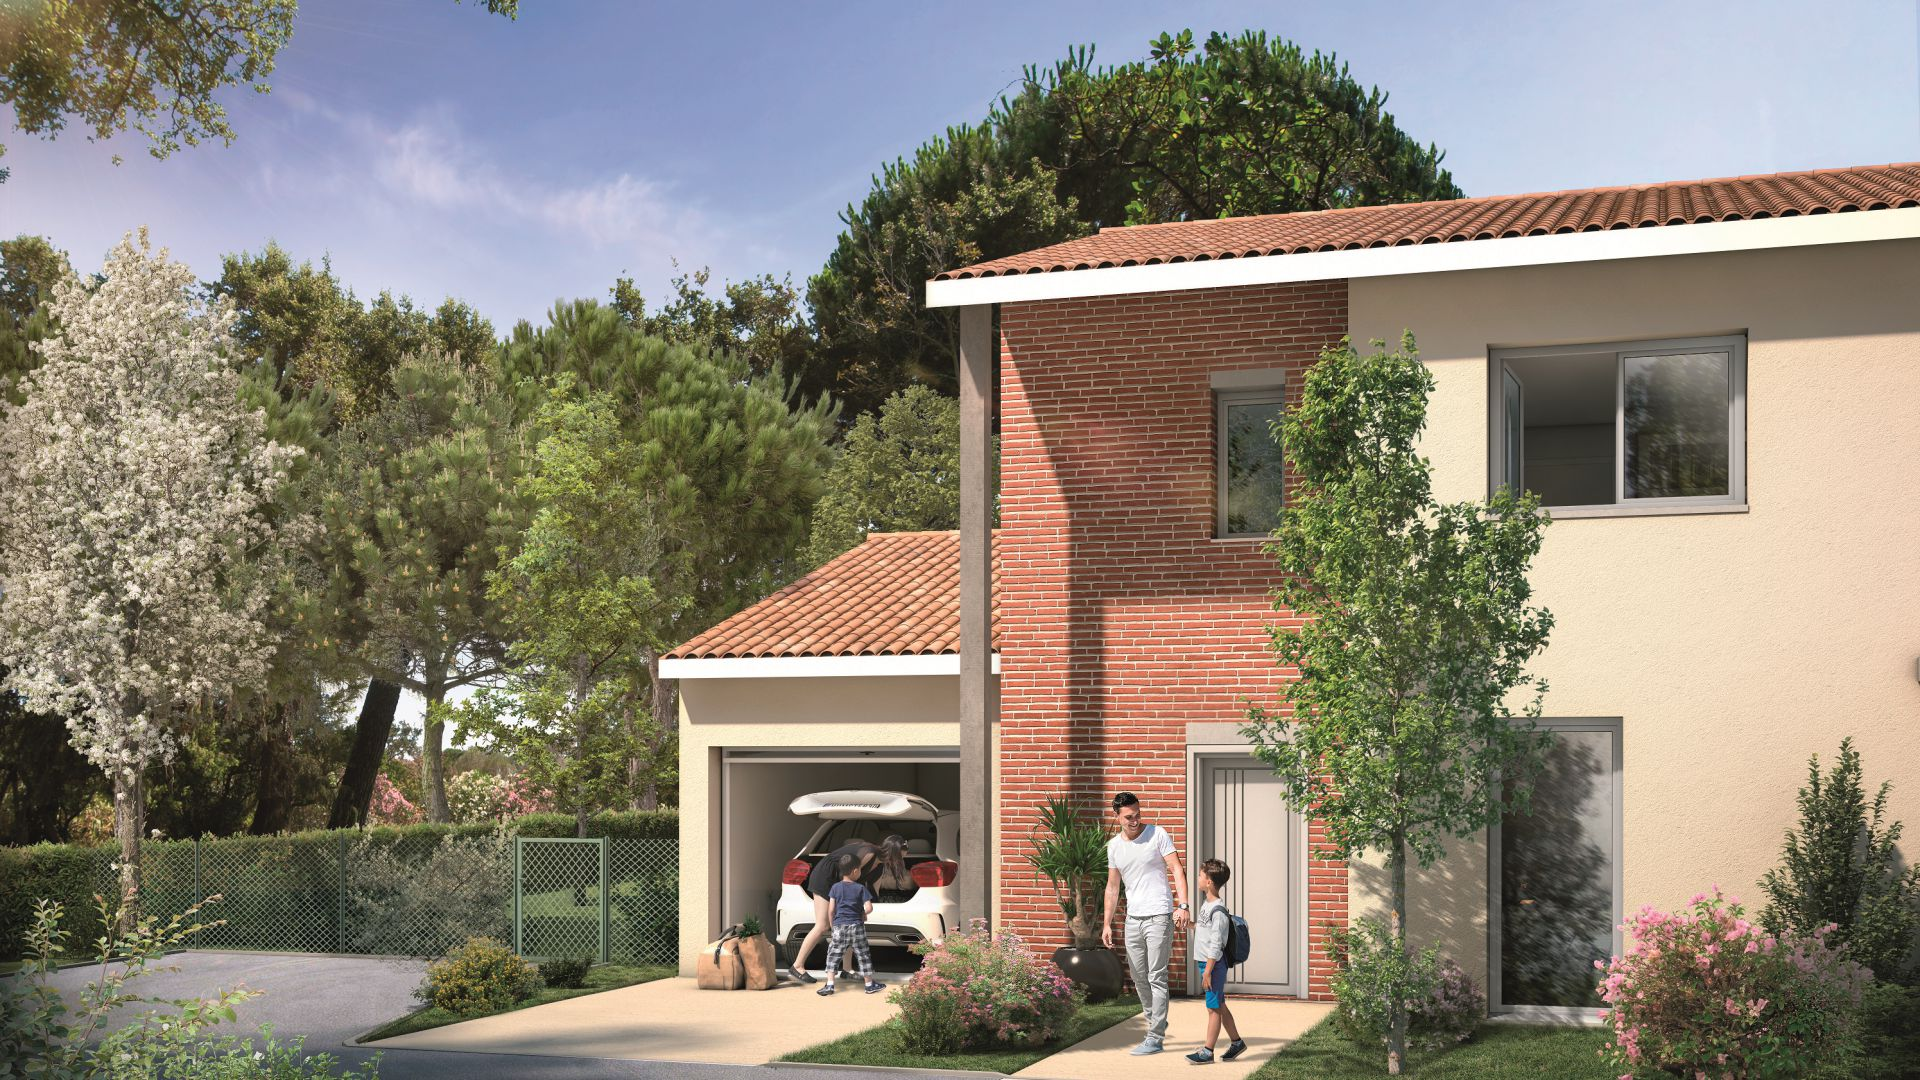 GreenCity immobilier - Tournefeuille 31170 - Résidence Parc Rimbaud - appartements et villas neufs du T2 au T5 - villa T5